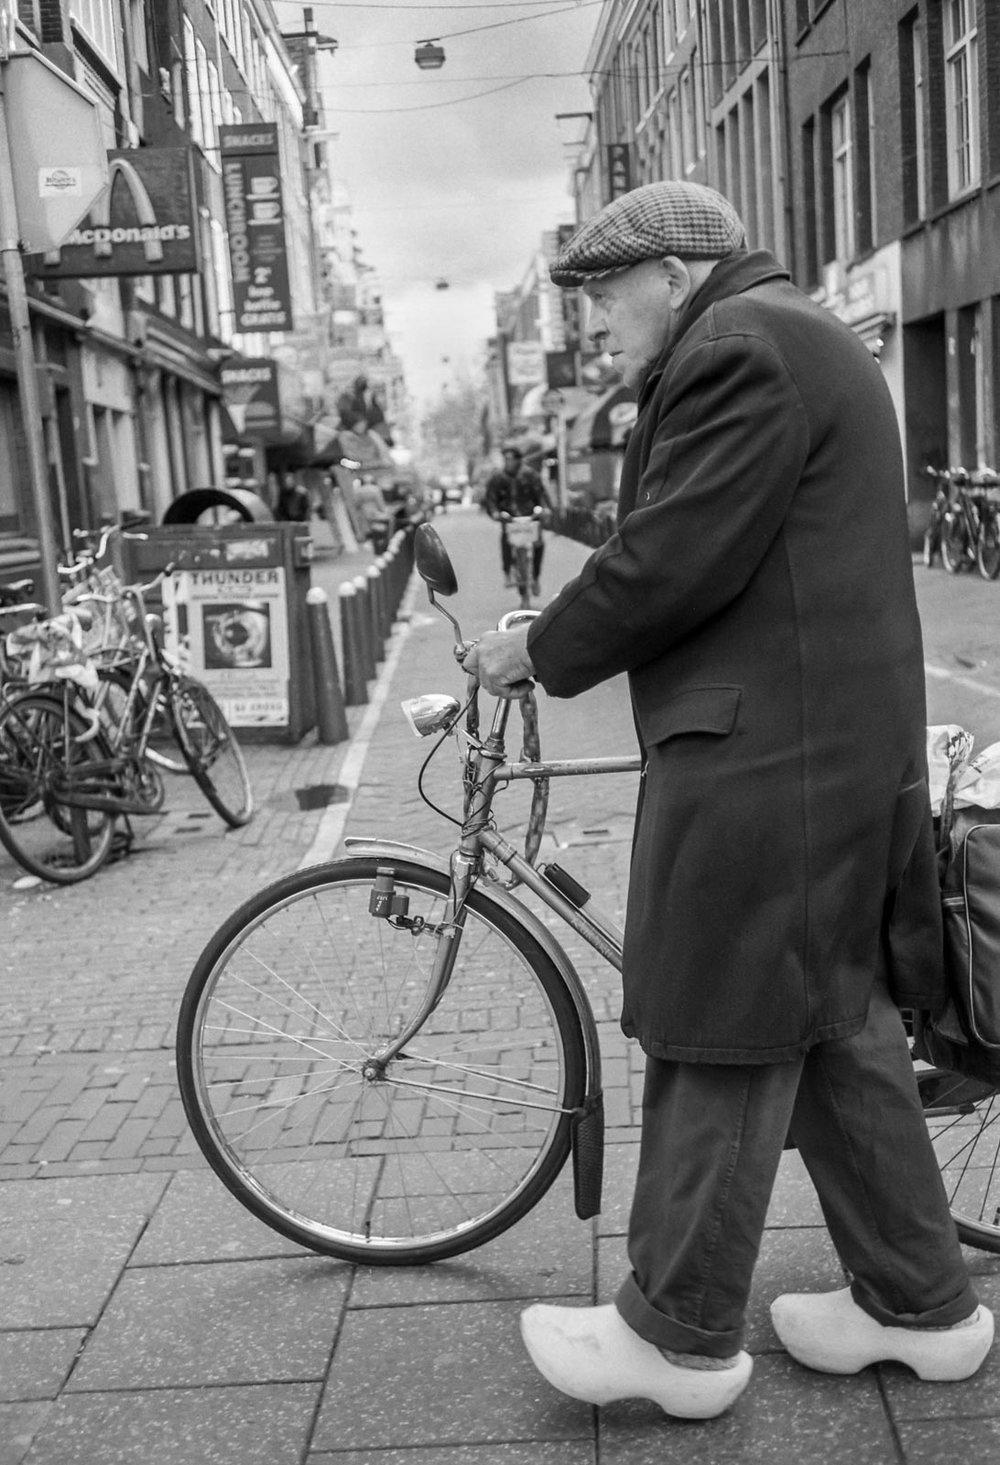 Le cycliste aux sabots, Amsterdam 1995